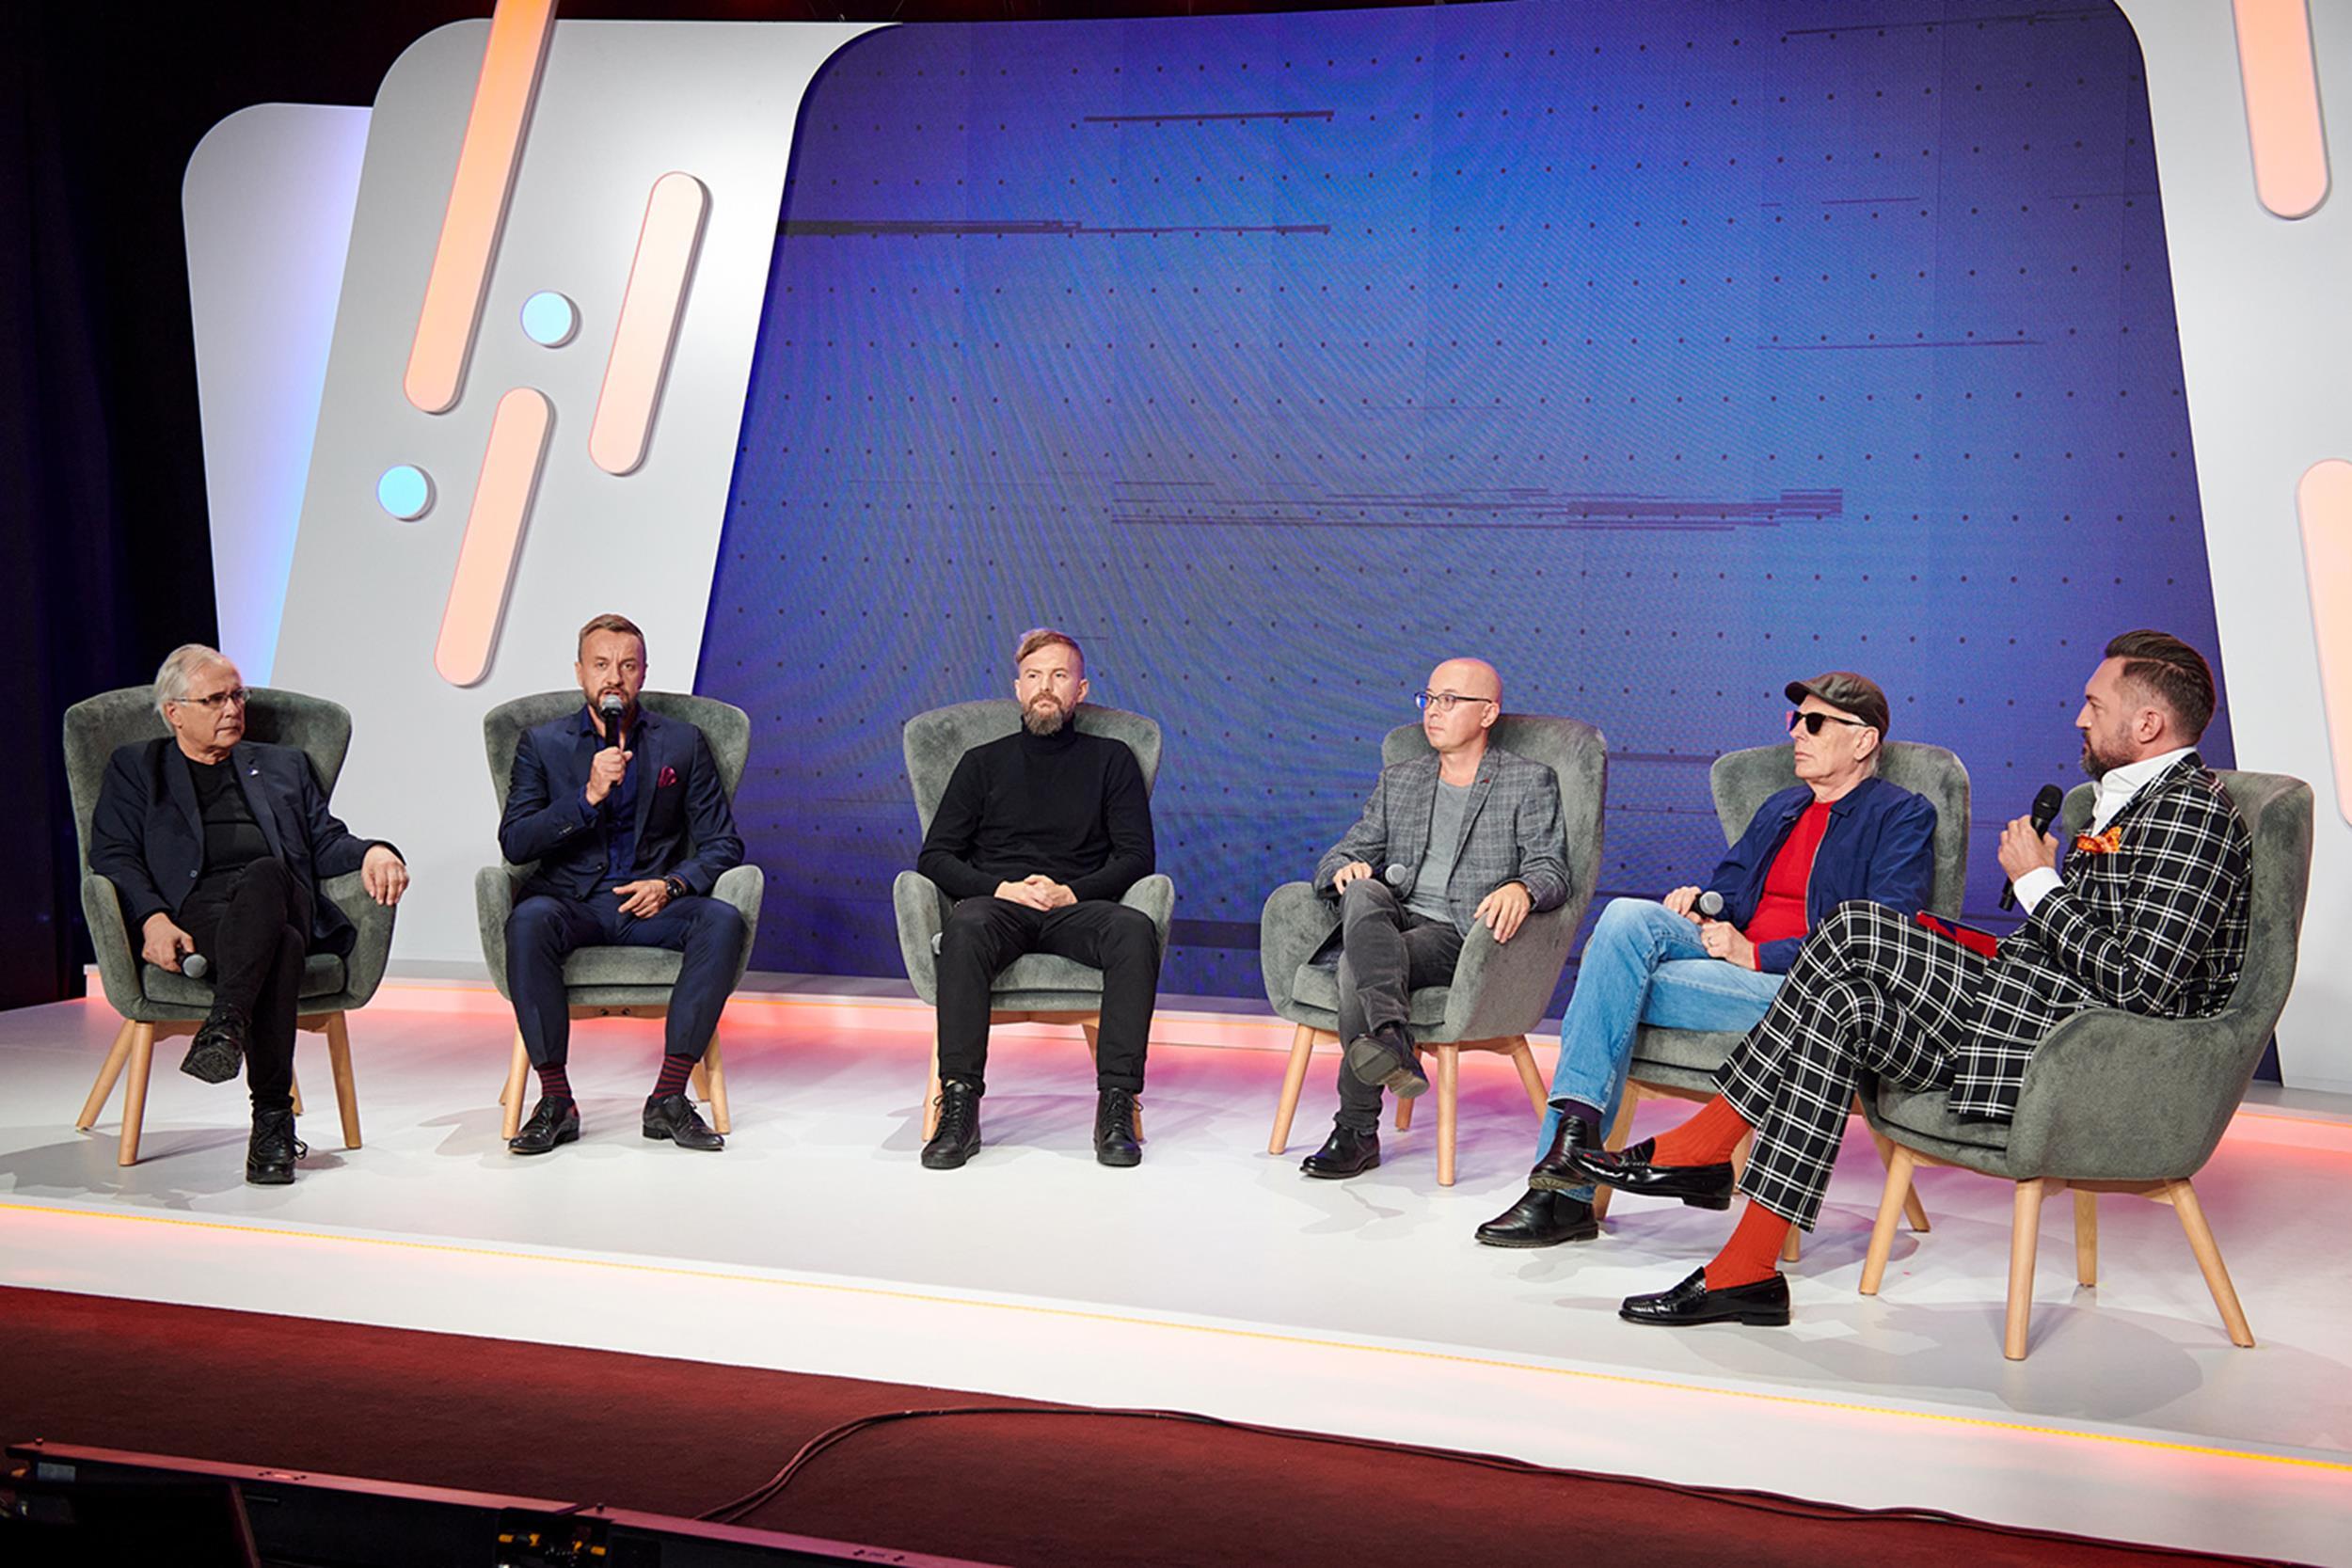 """Panel """"Bezpiecznik dla kultury"""". Od lewej: Andrzej Puczyński, Tomik Grewiński, Tomasz Organek, Marcin Wasilewski, Tomek Lipiński i Marcin Prokop. Fot. D. Kawka, ZPAV"""